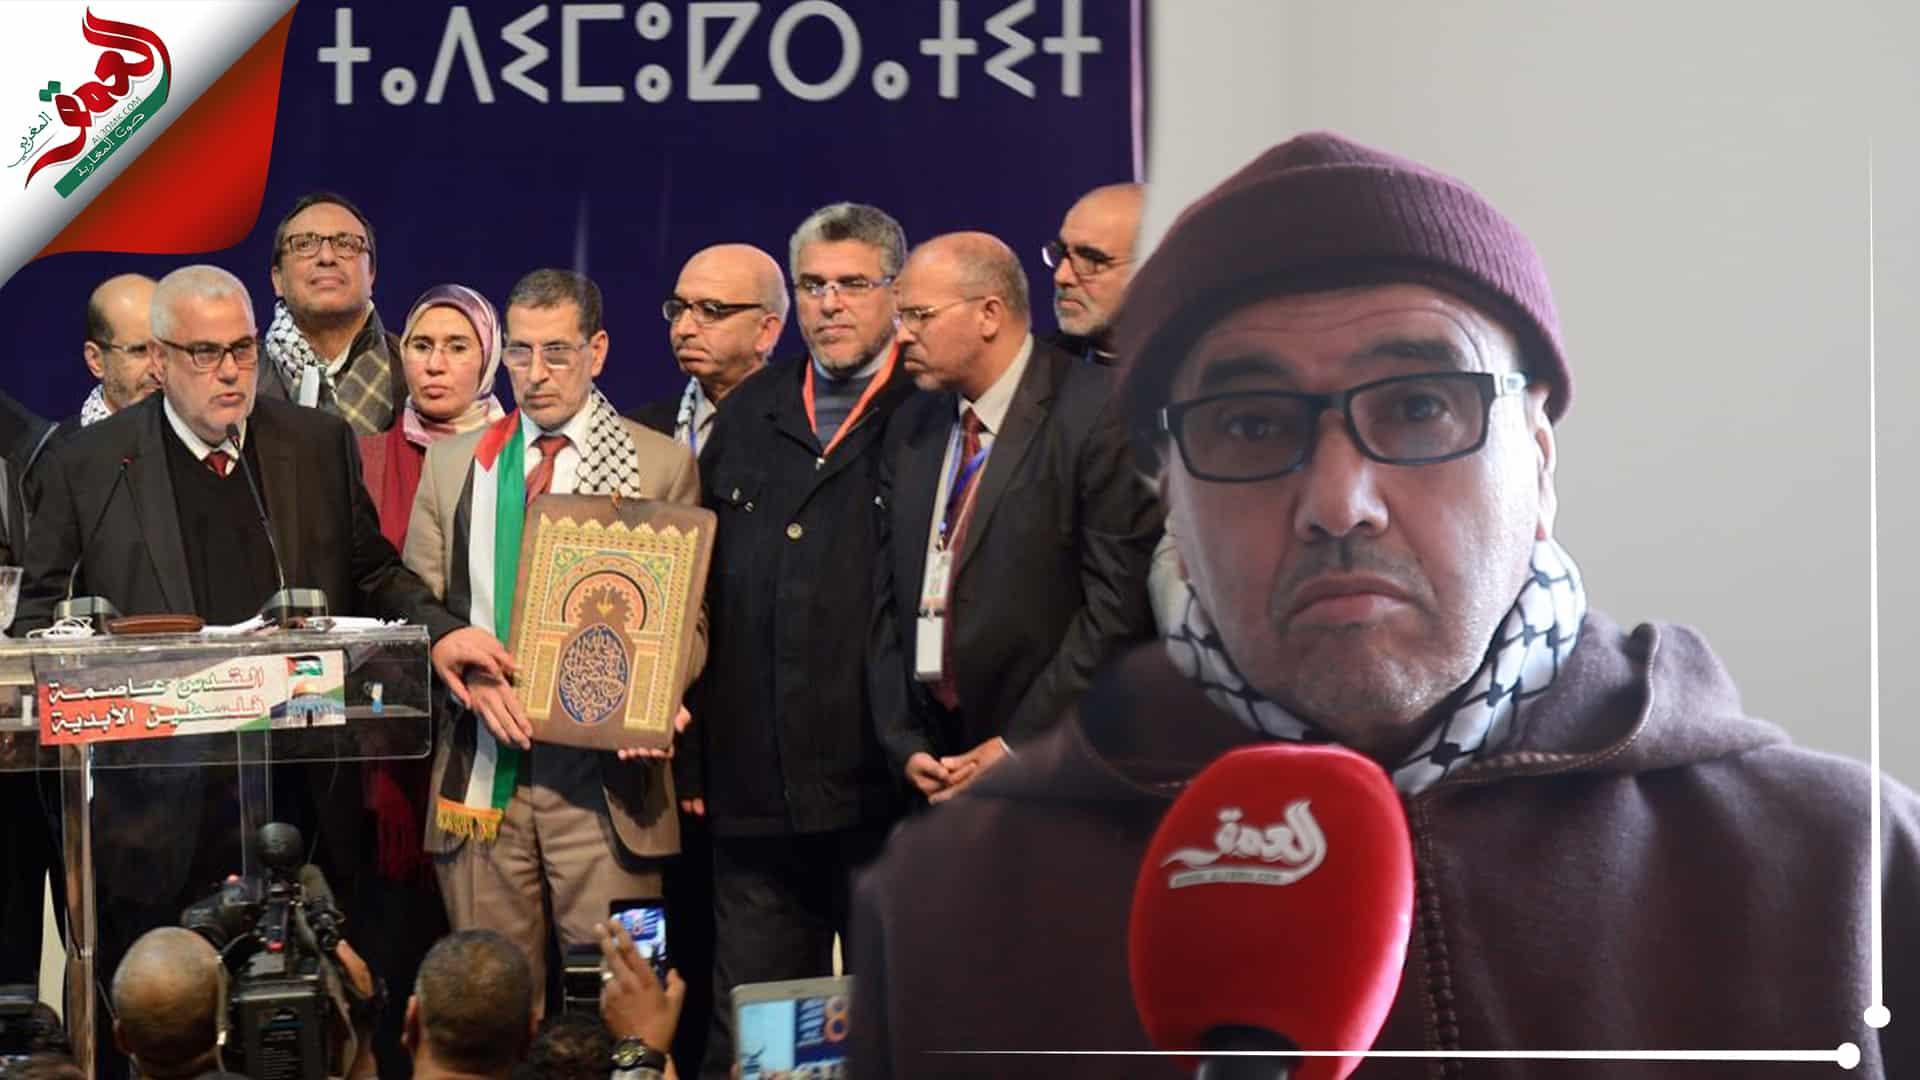 أفتاتي: موقف المغاربة ليس ضد التطبيع فقط بل مواجهة المشروع الصـهــ.يوني